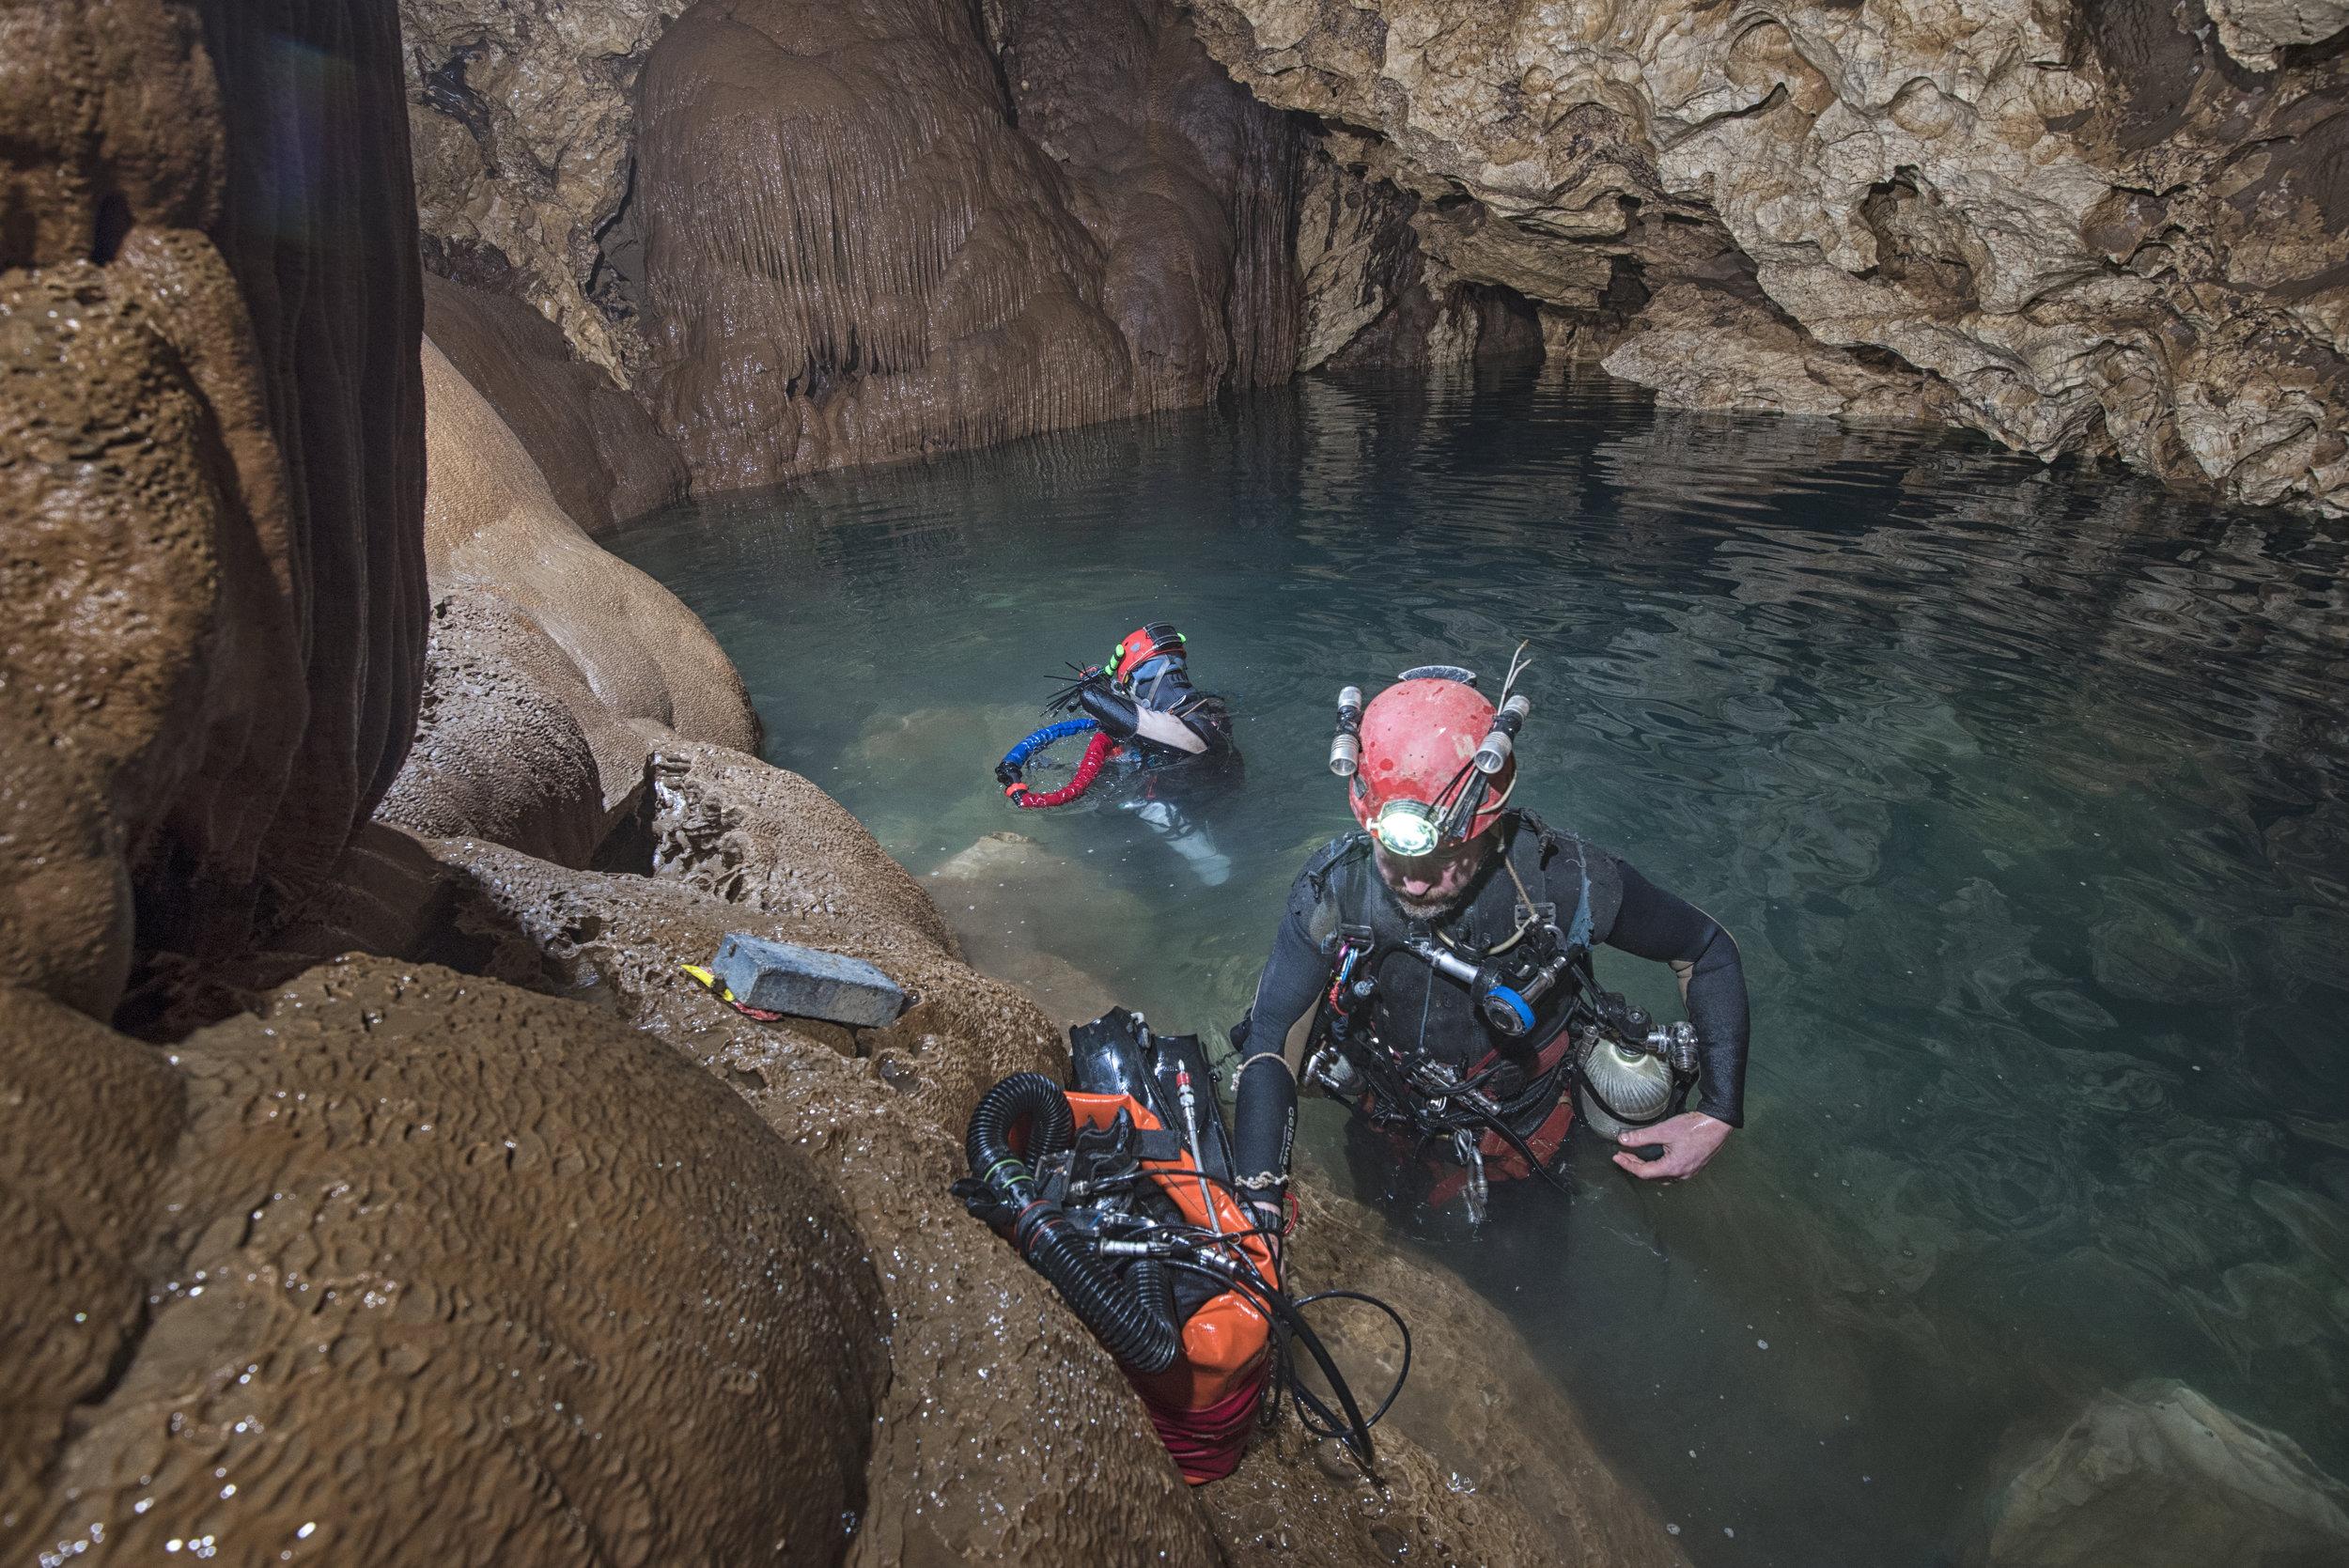 cueva-de-la-pena-colorada_39384682100_o.jpg